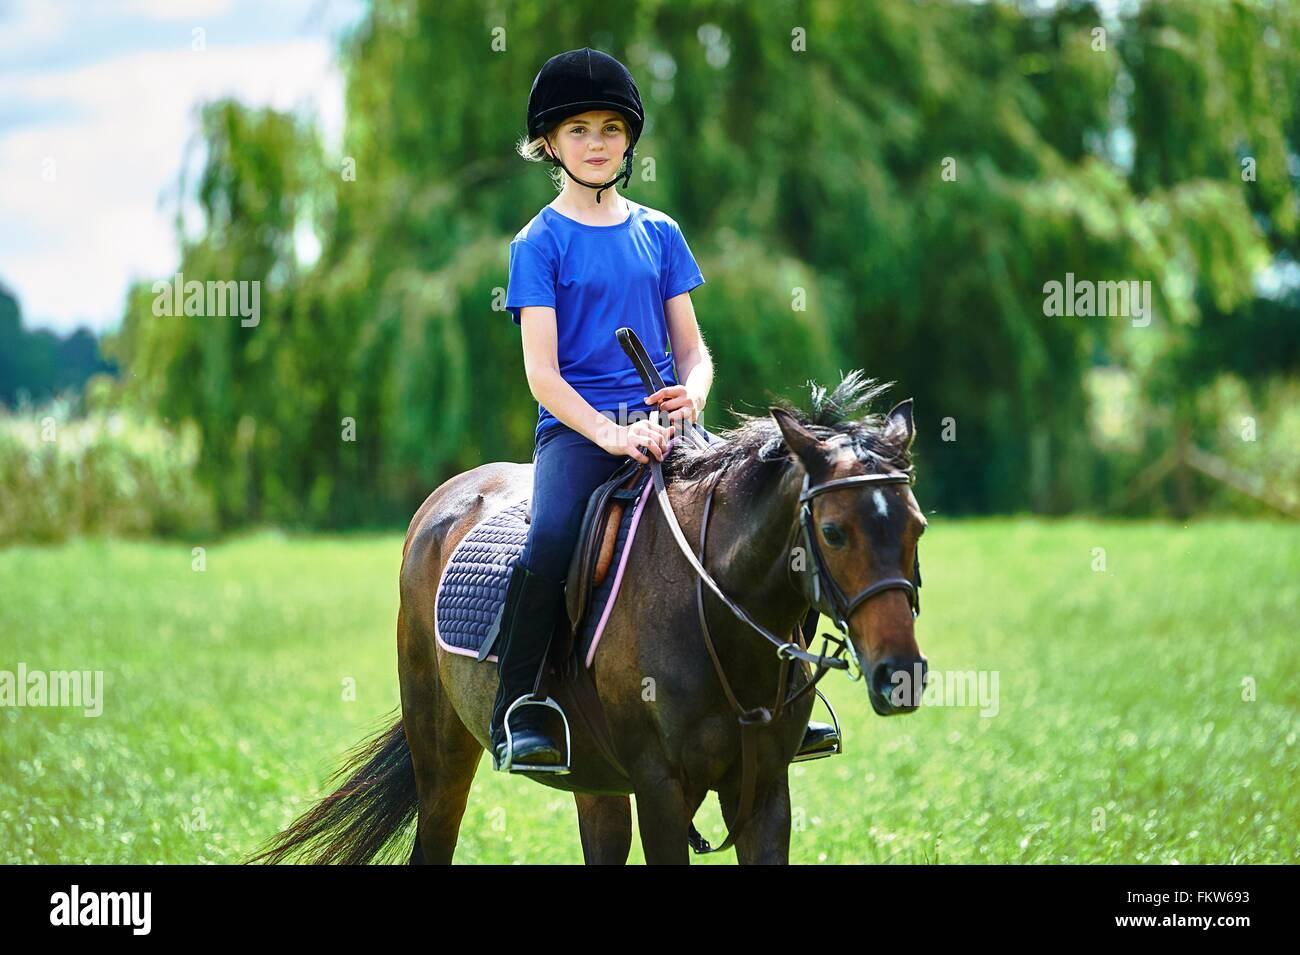 Vue de face de fille à cheval équitation portant hat smiling at camera Photo Stock